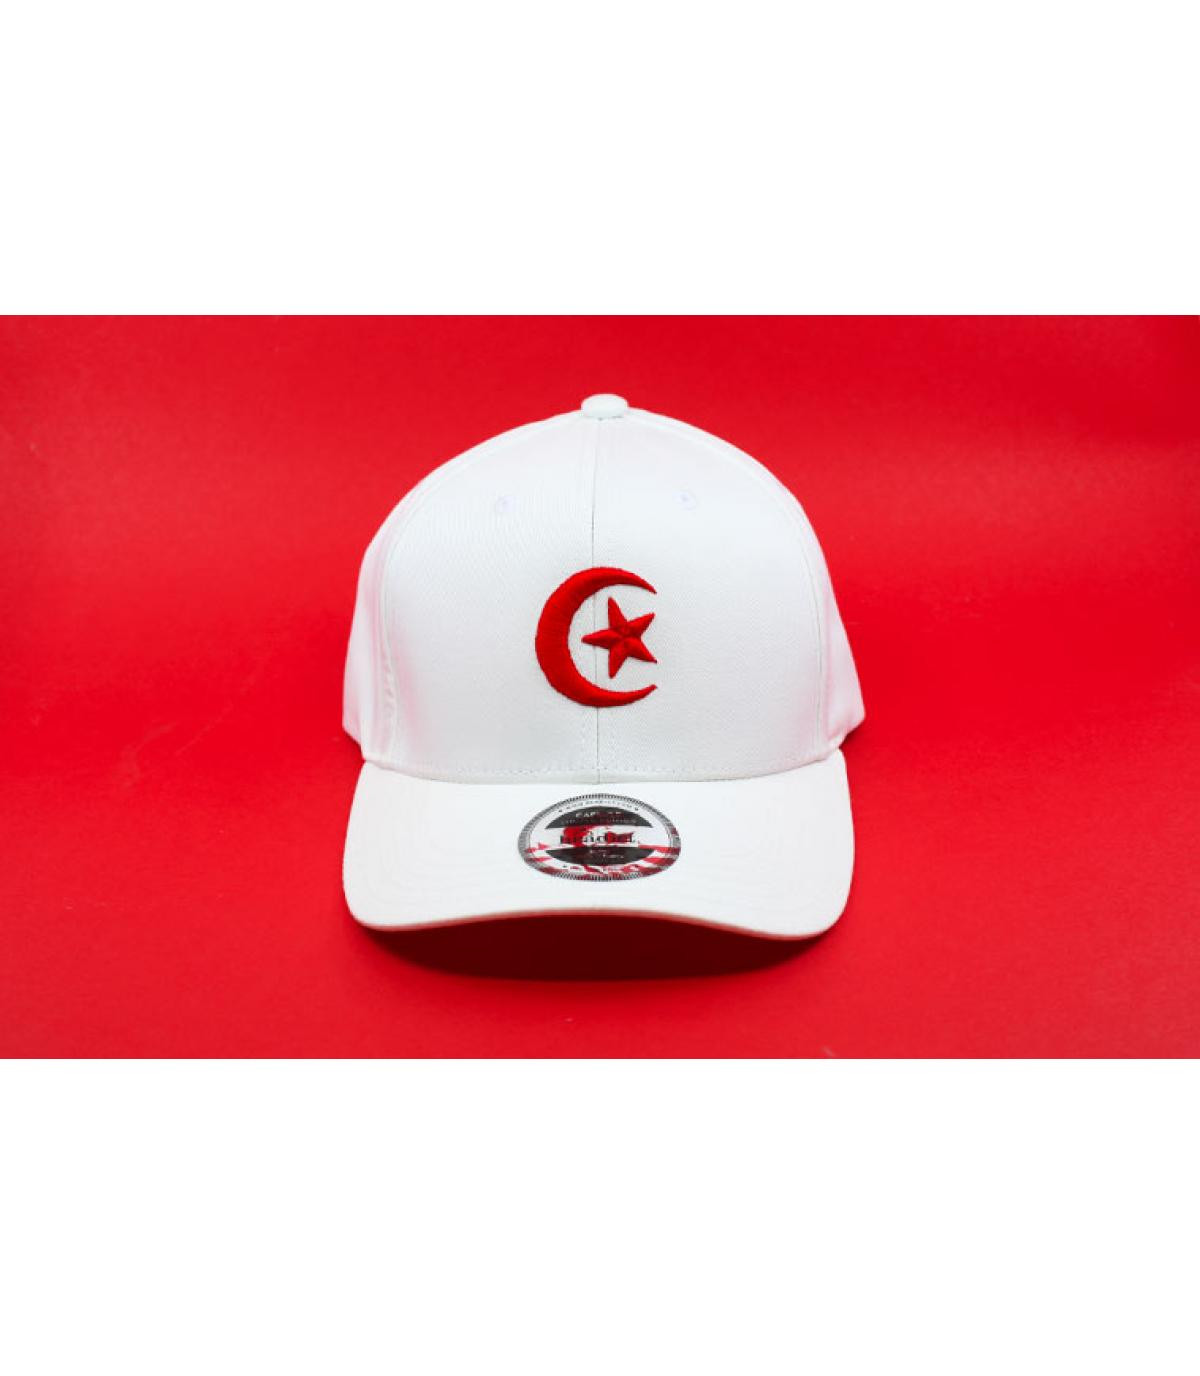 Détails Casquette Tunisie - image 3